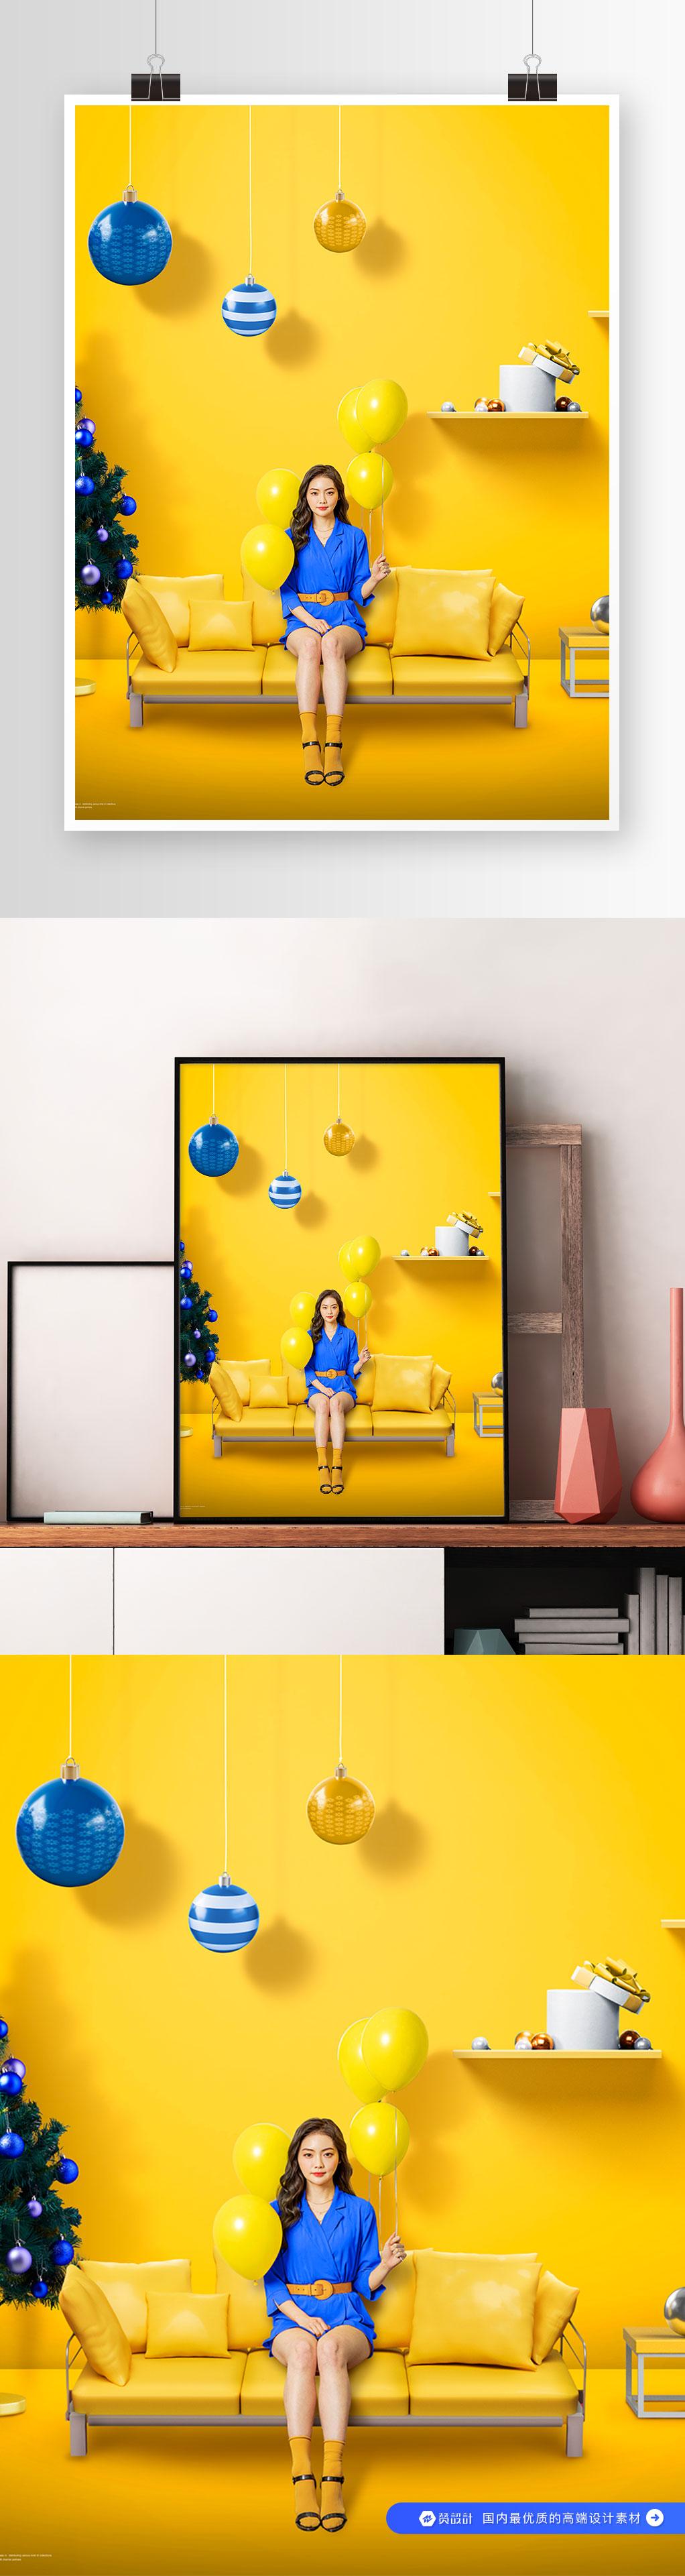 空间家居时尚美女饰品 蓝黄撞色圣诞海报